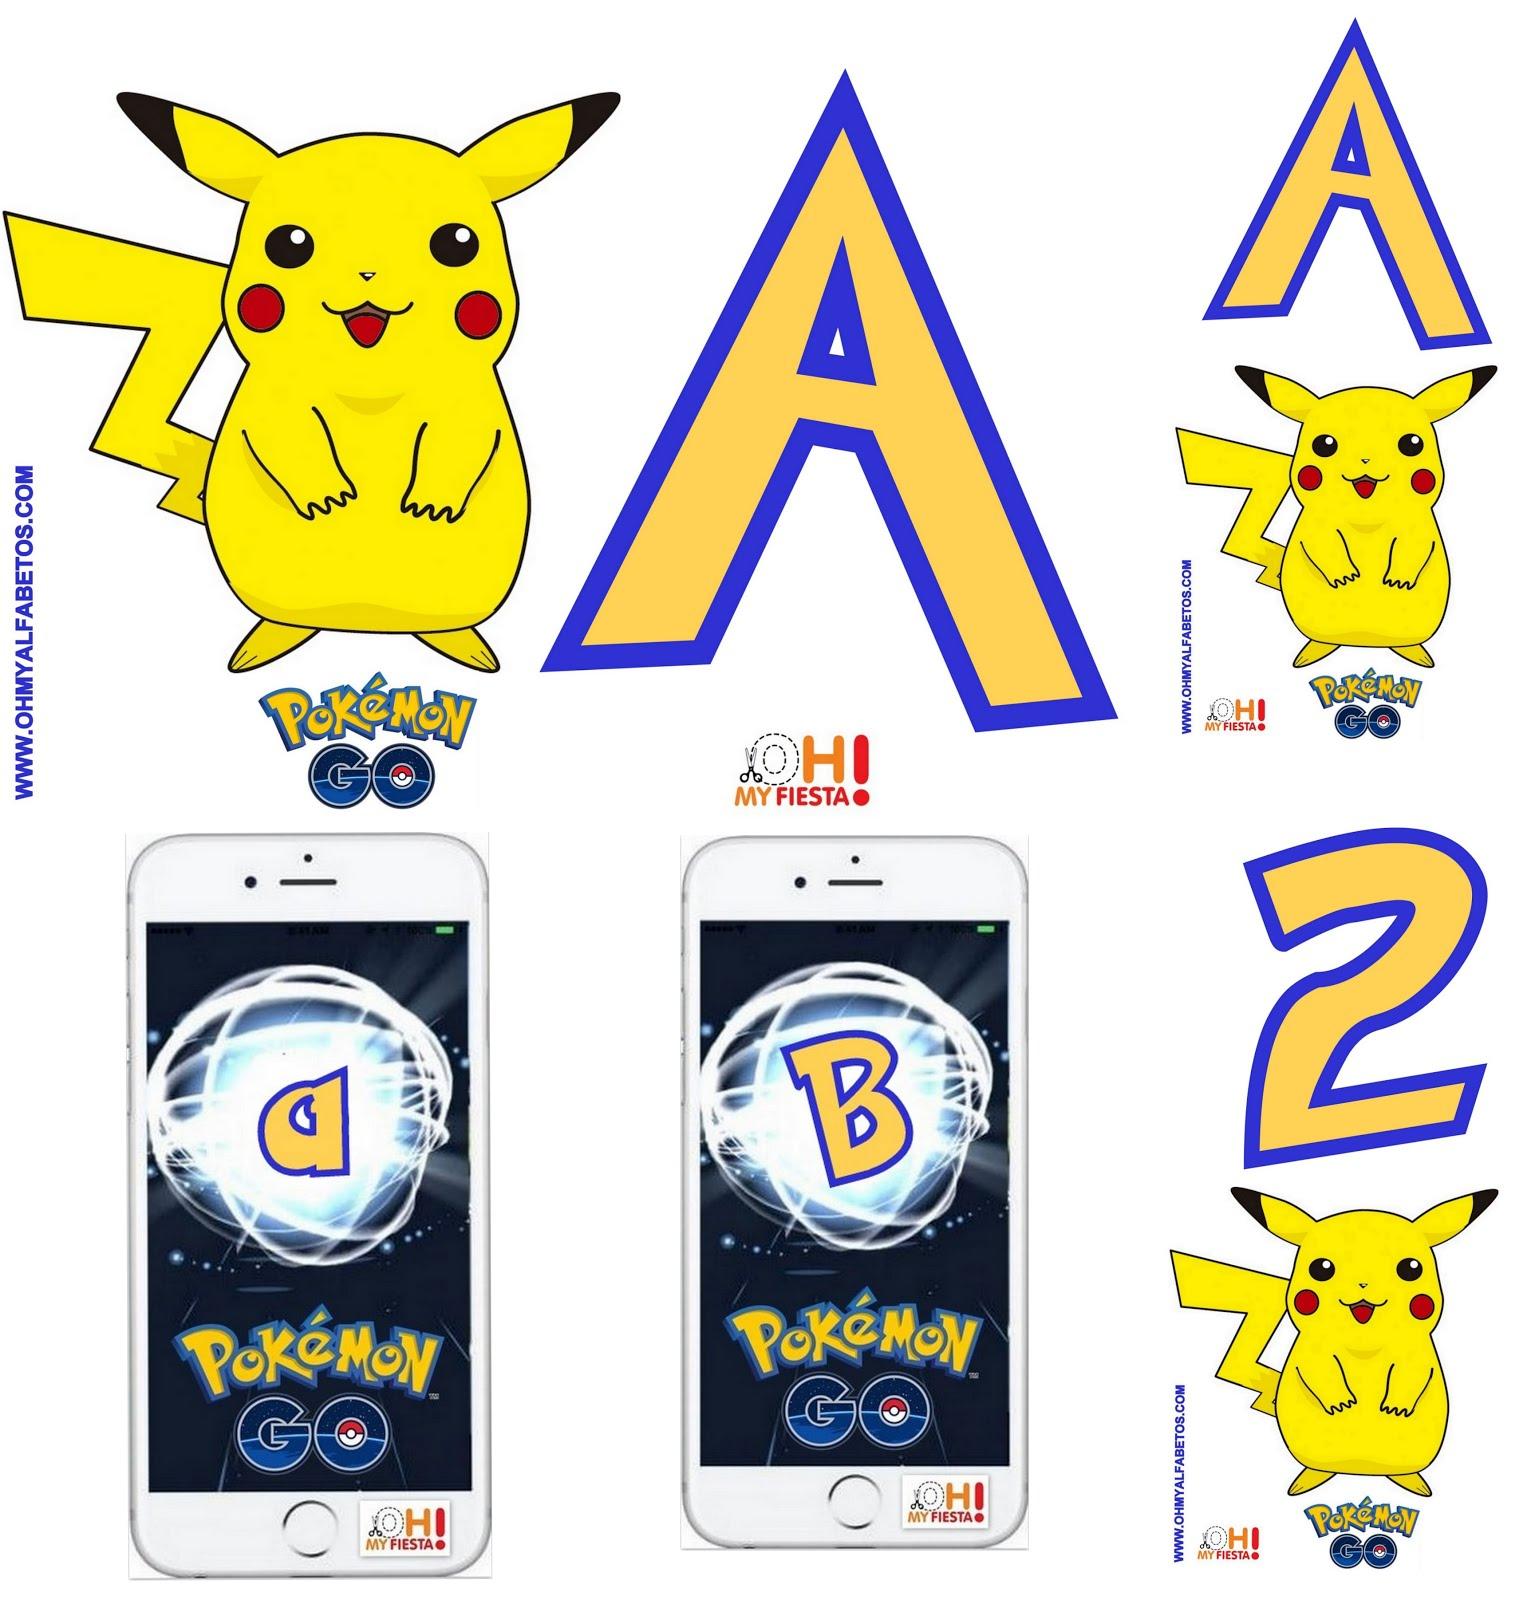 ¡Mira nuestros Alfabetos de Pokemon Go!